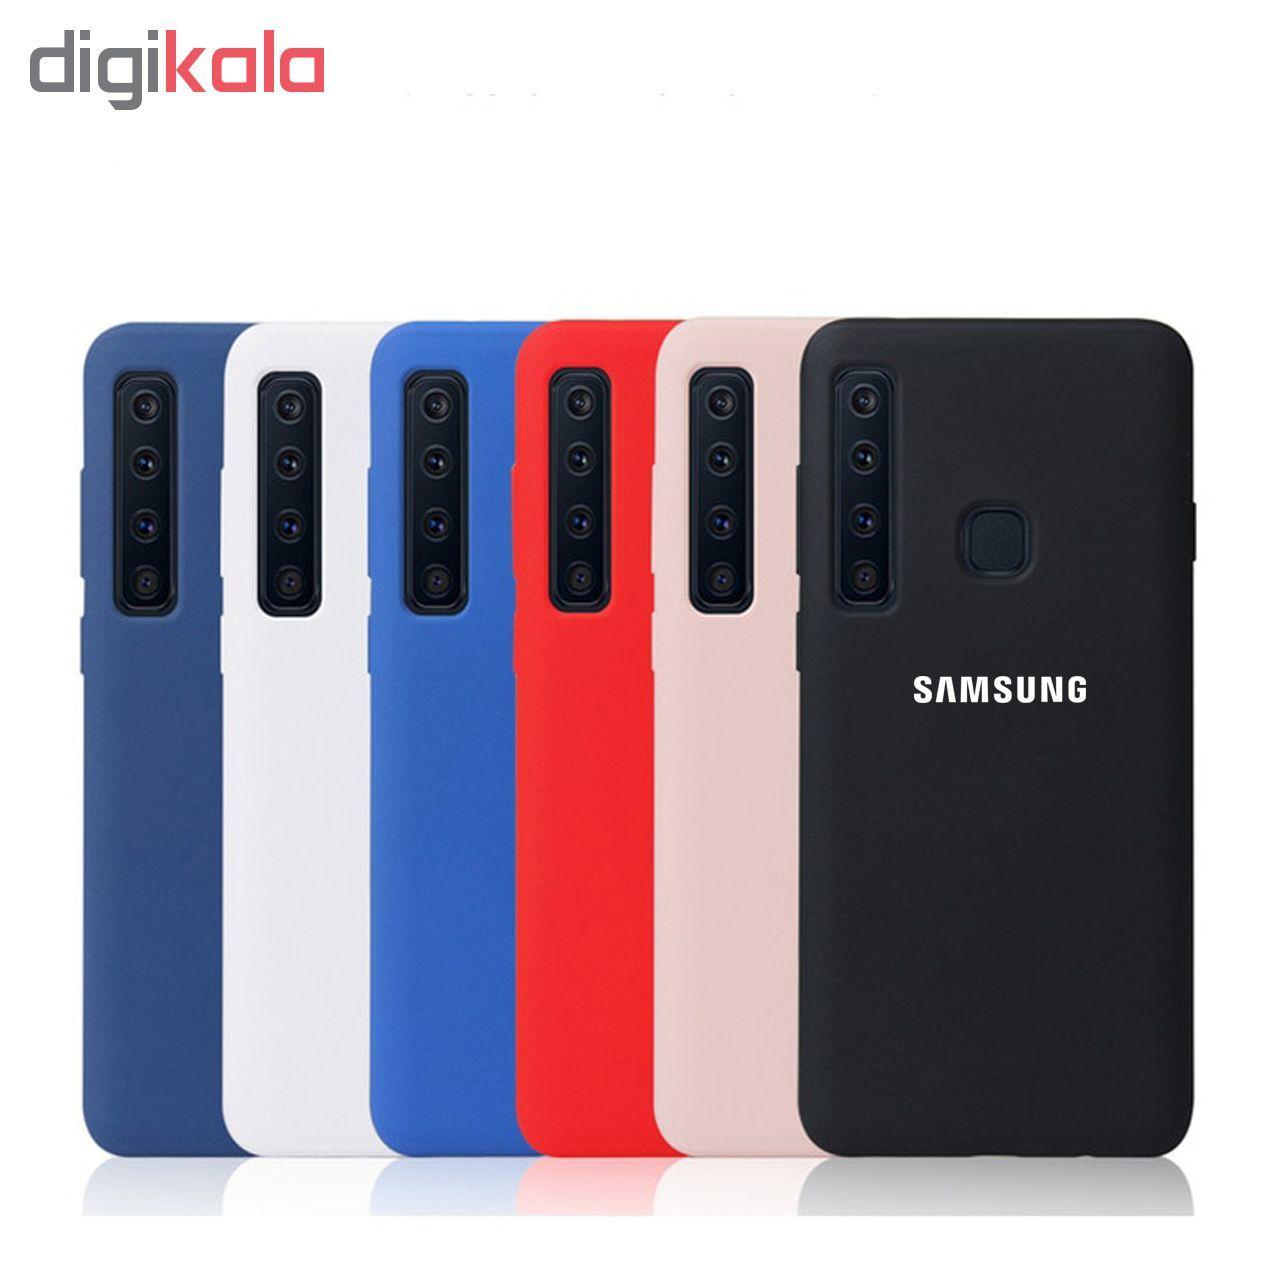 کاور سیلیکونی مدل Silky soft-touch مناسب برای گوشی موبایل سامسونگ Galaxy A50 main 1 6